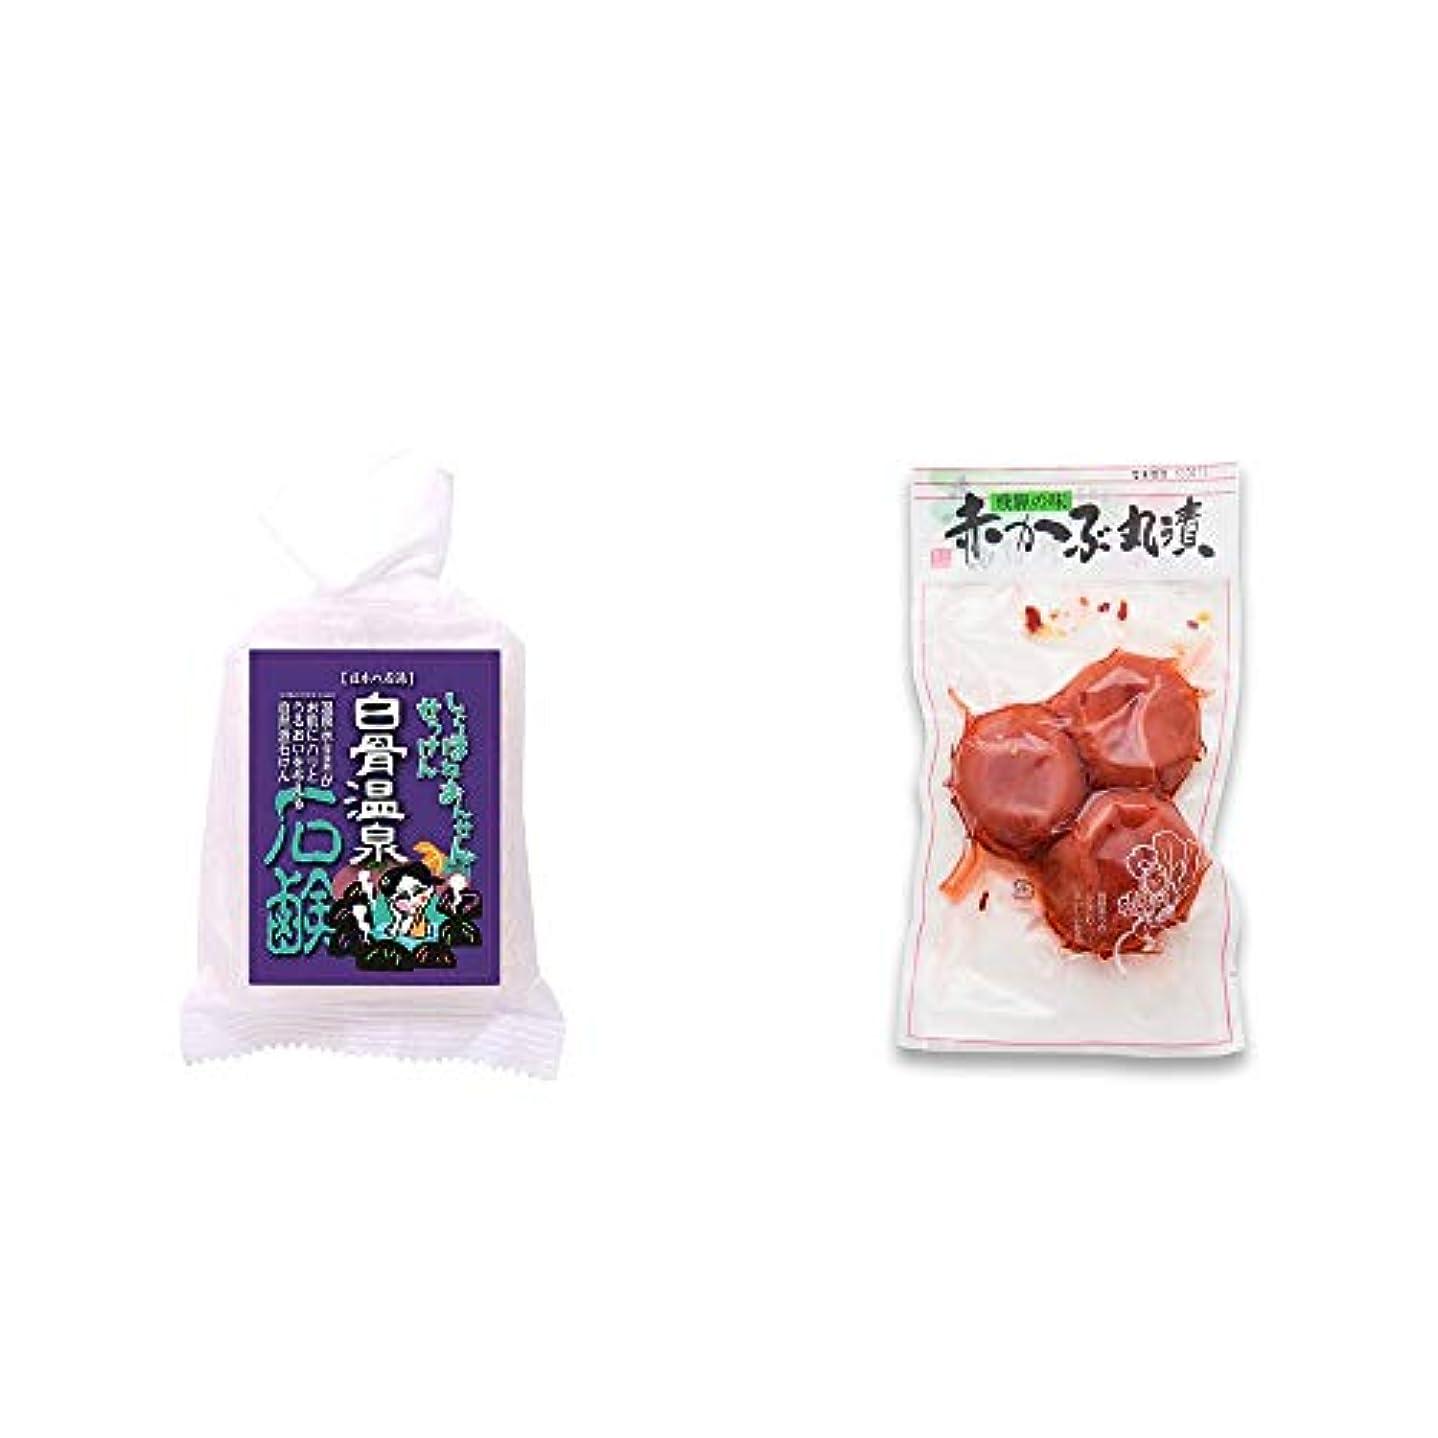 作業ロープ保証金[2点セット] 信州 白骨温泉石鹸(80g)?赤かぶ丸漬け(150g)